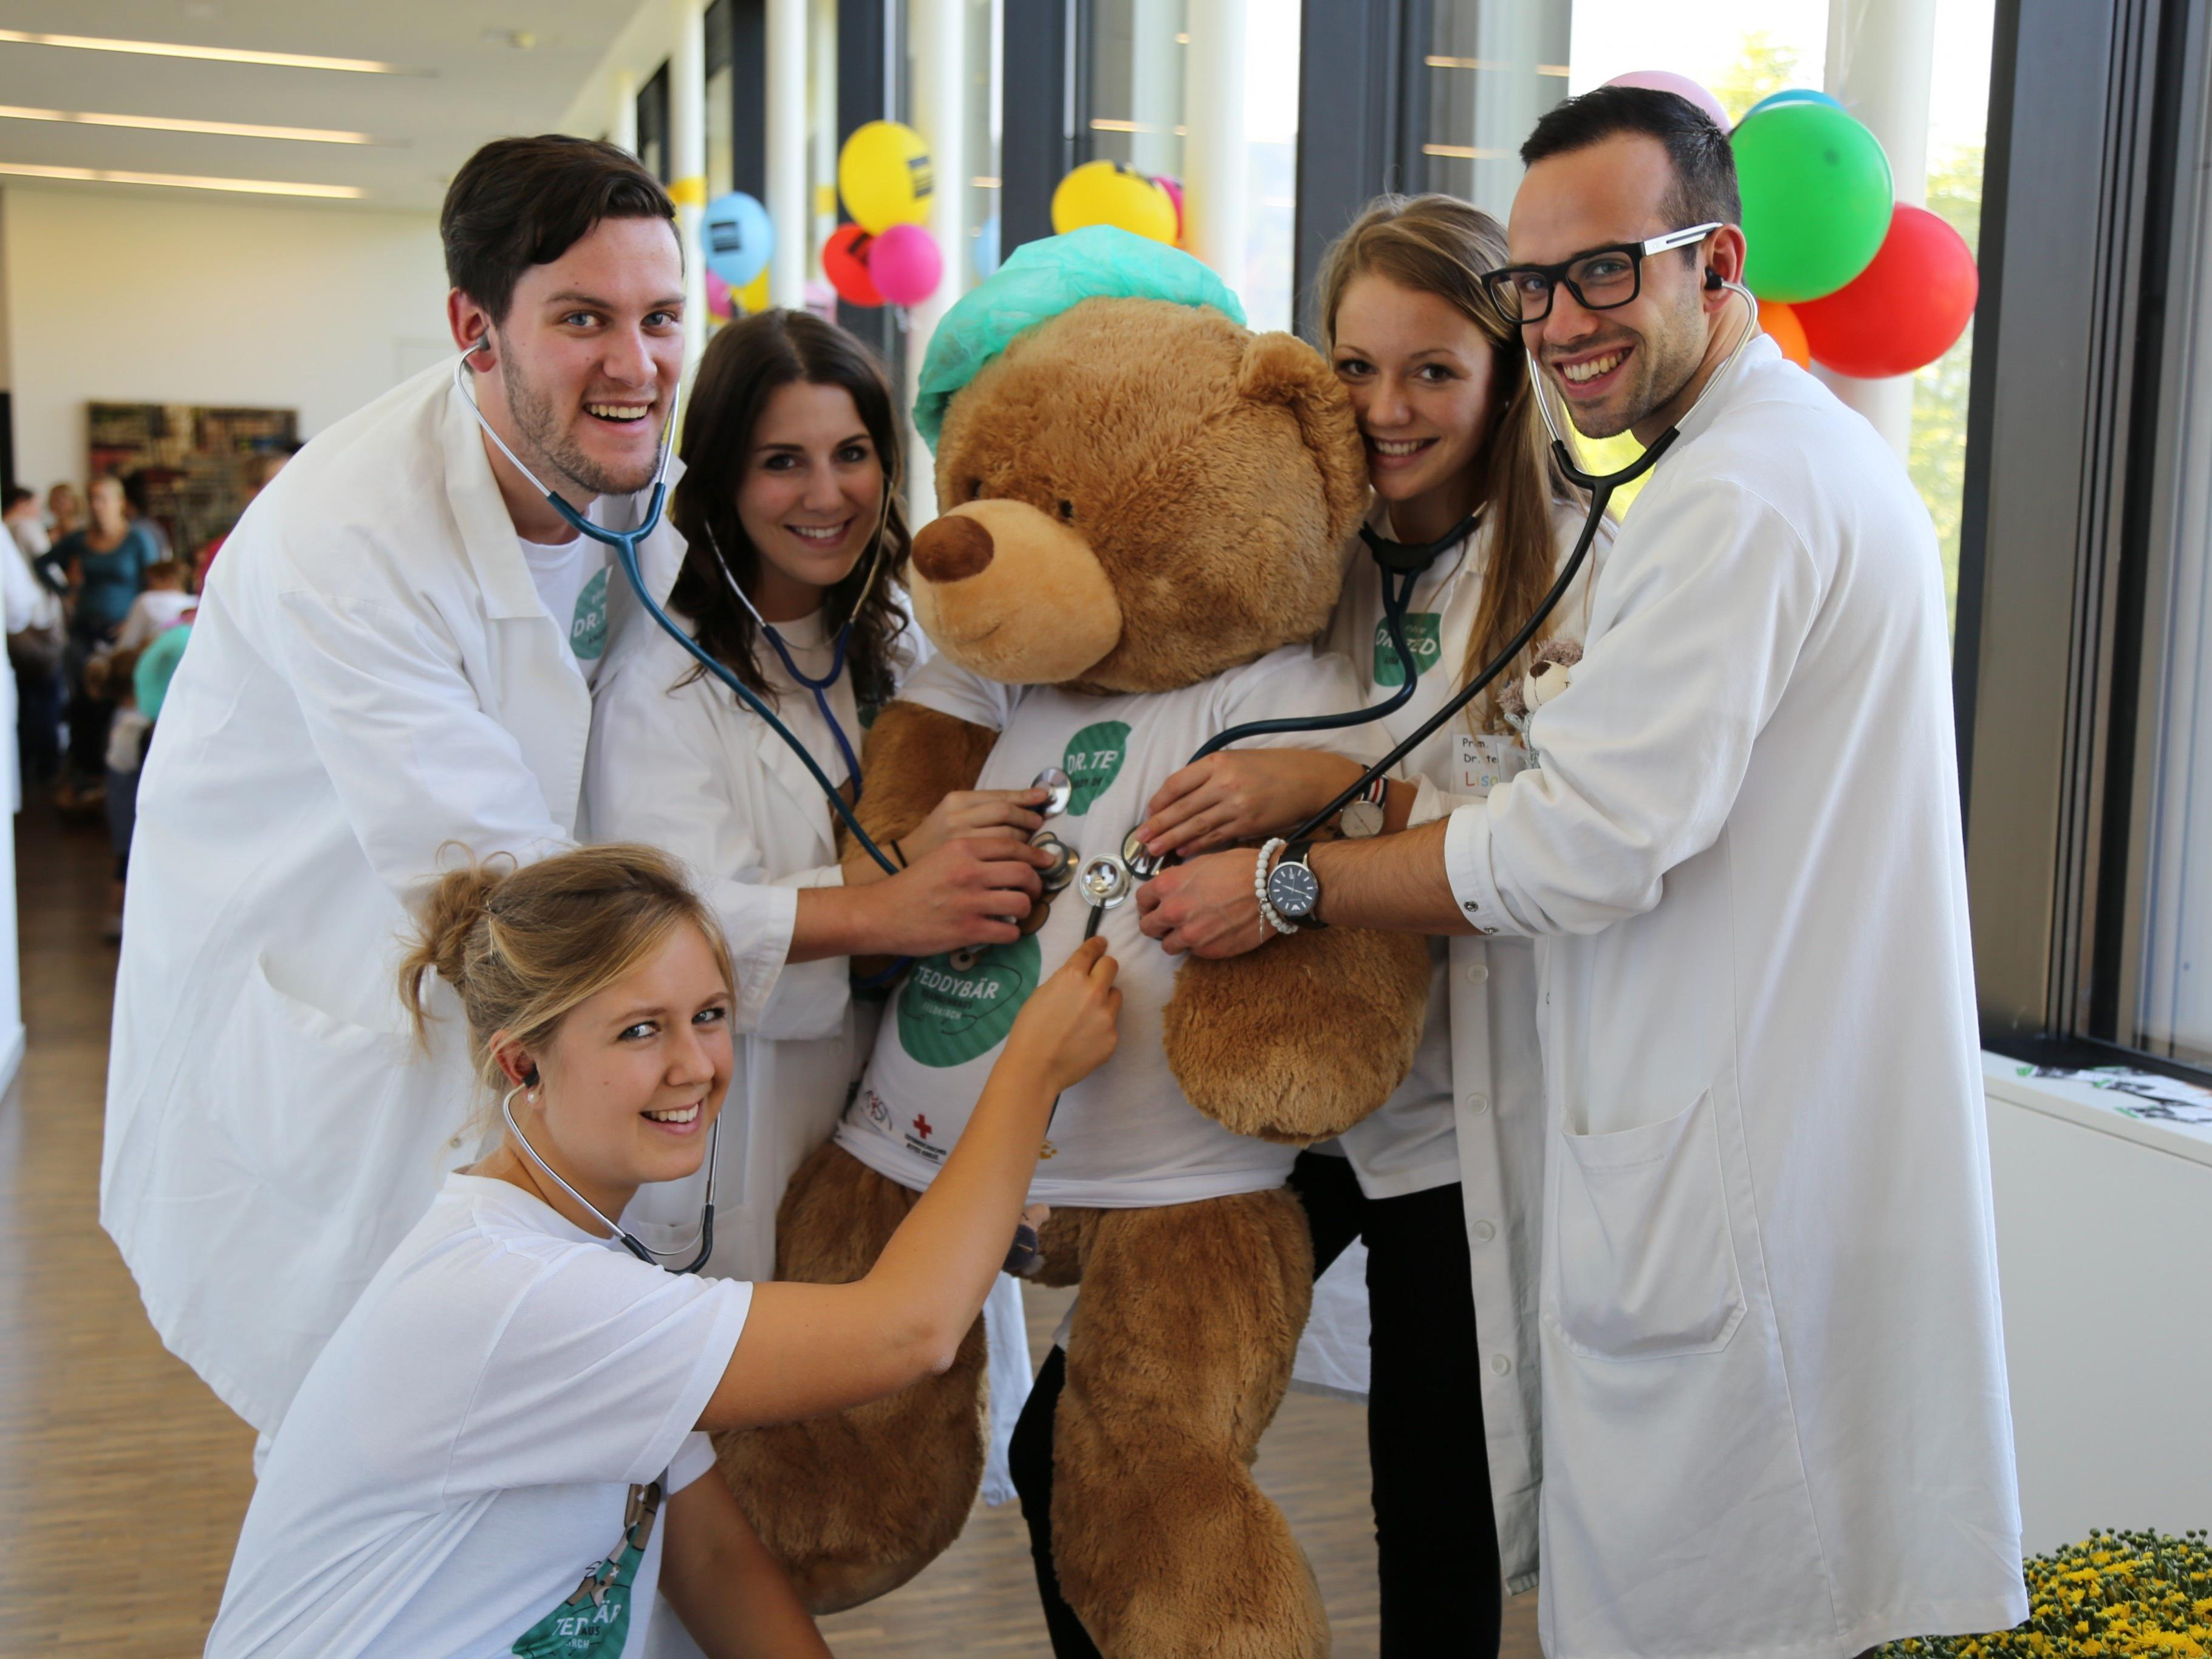 Das sechsköpfige Team brachte erstmals das Teddybärenkrankenhaus nach Vorarlberg.